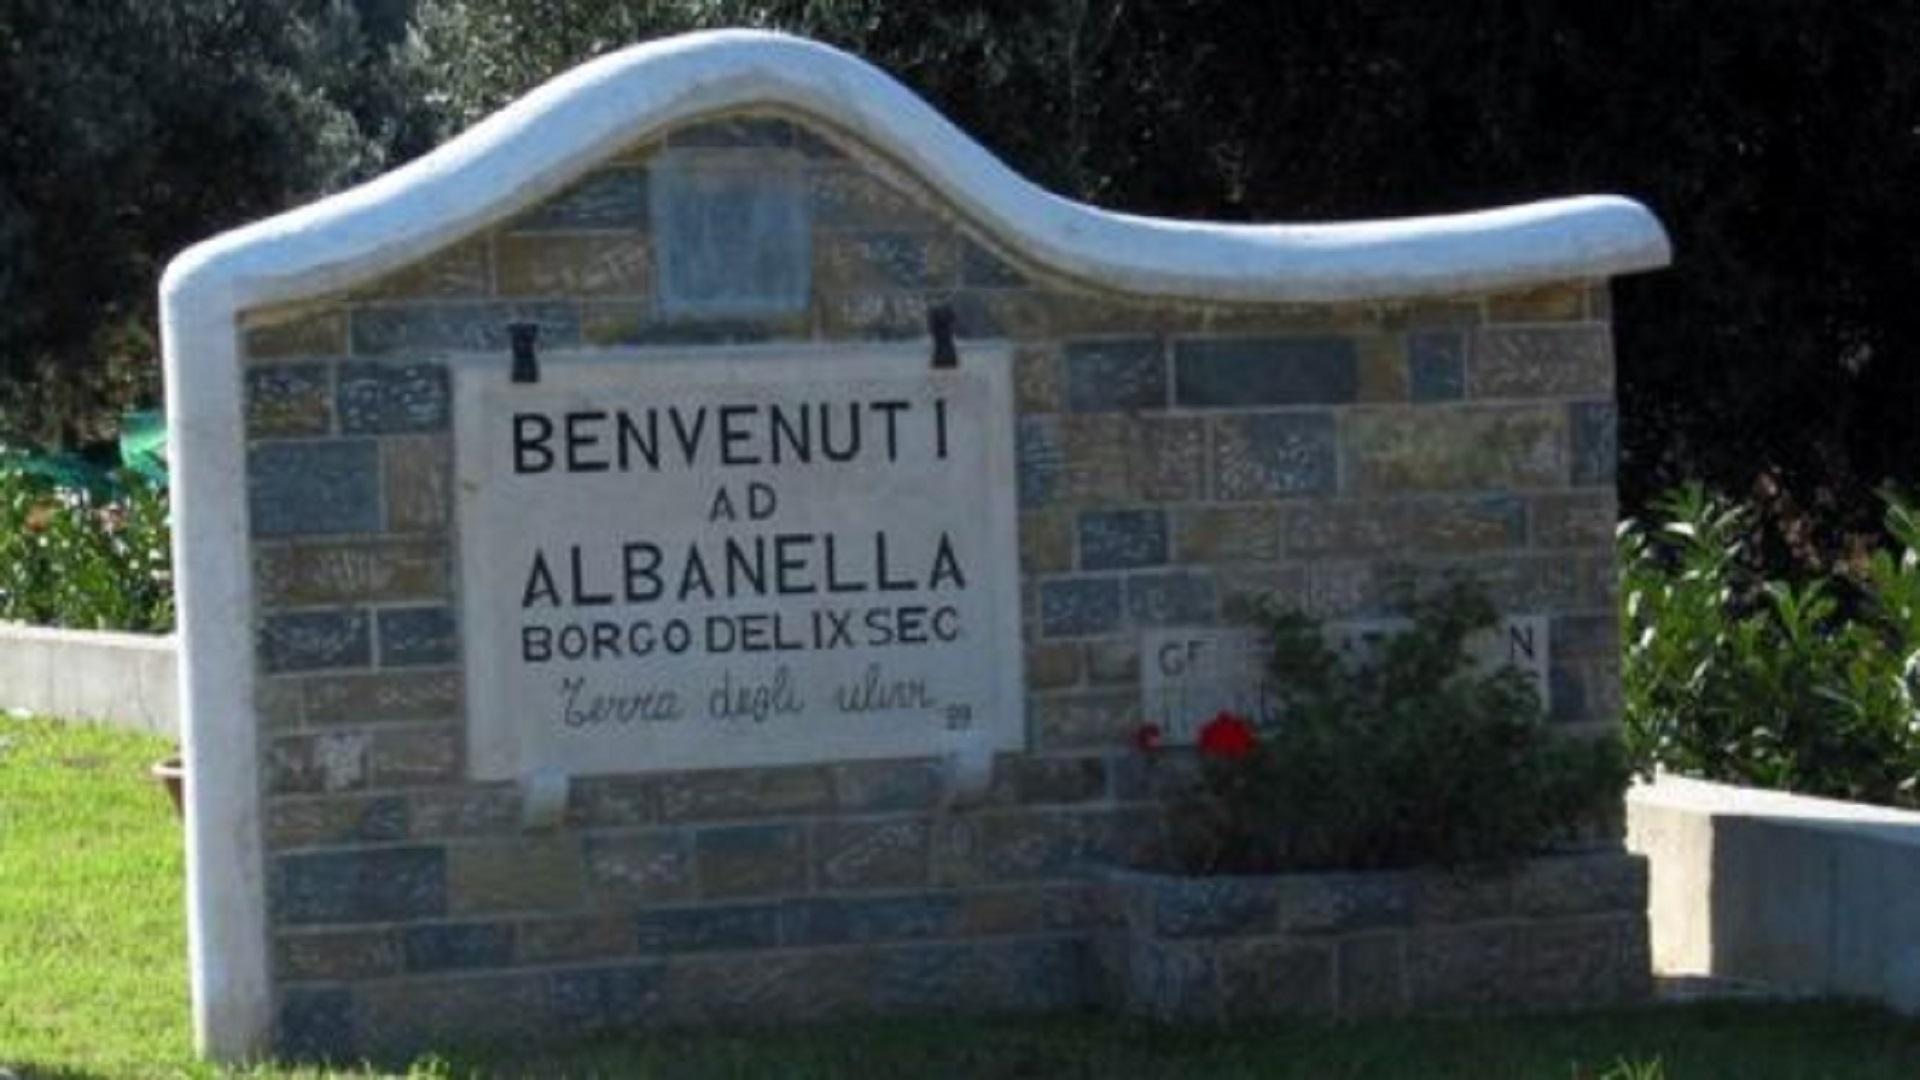 albanella